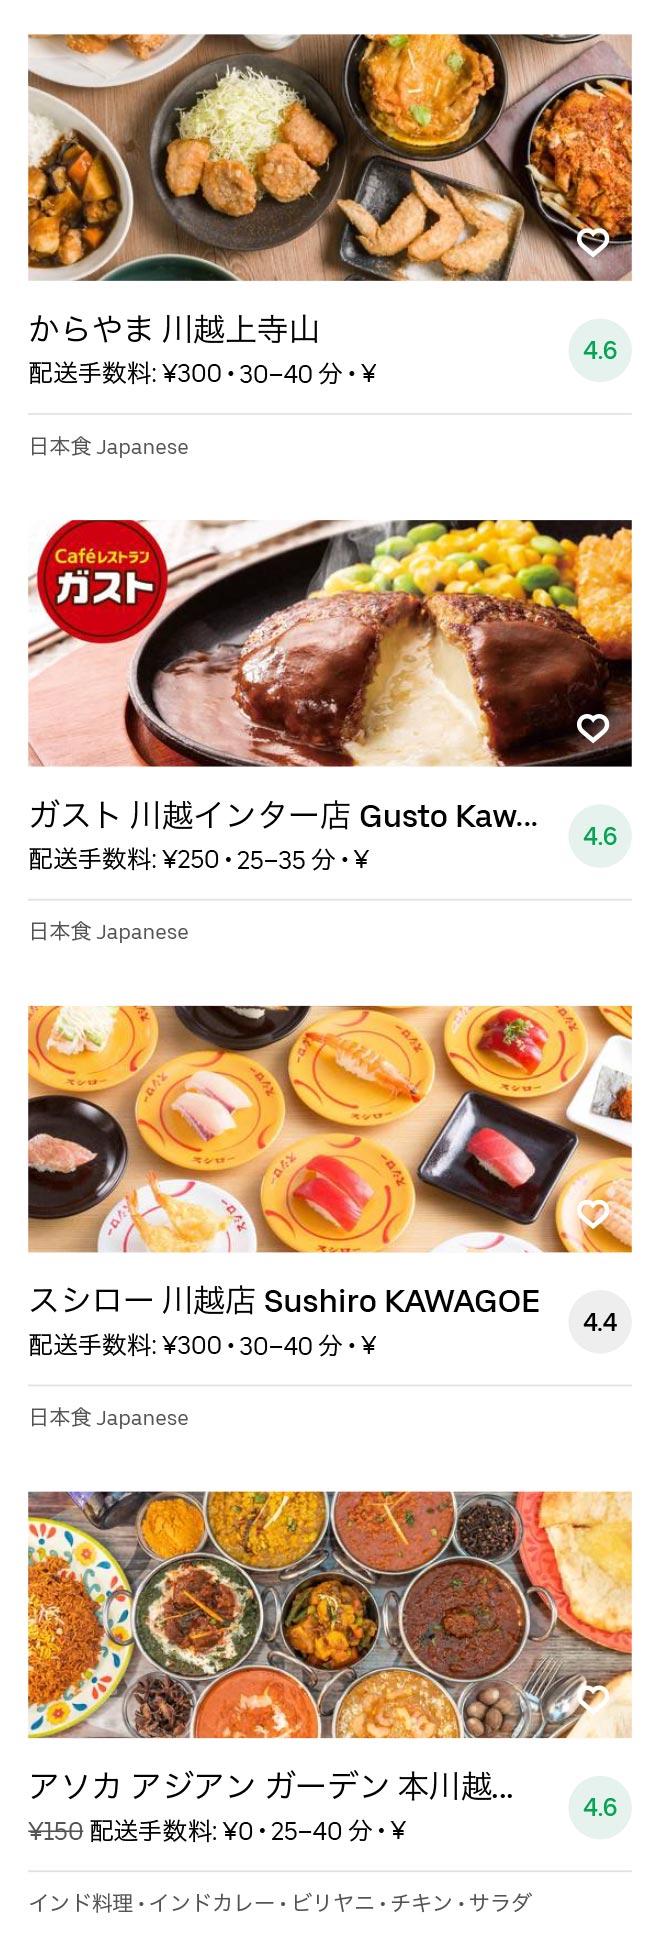 Kawagoeshi menu 2008 08